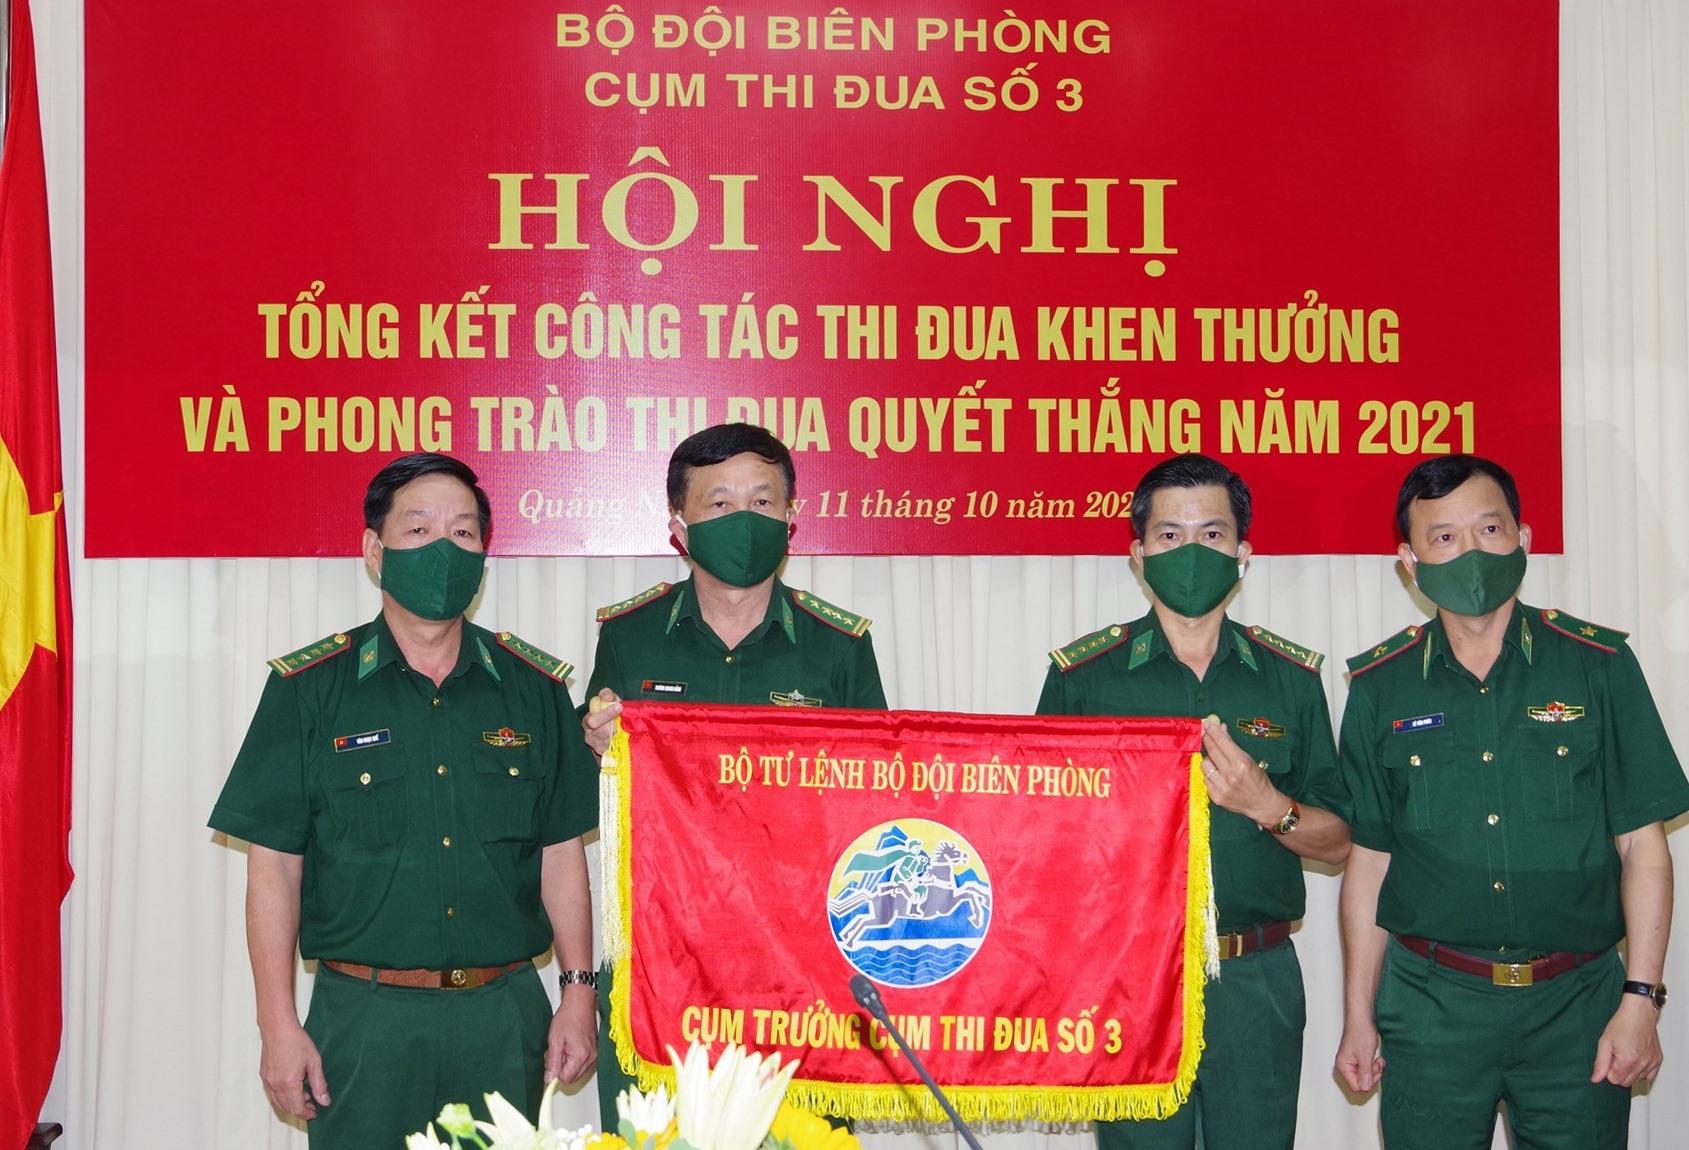 BĐBP Quảng Nam trao cờ Cụm trưởng Cụm thi đua số 3 cho BĐBP Quảng Ngãi. Ảnh: Hồng Anh